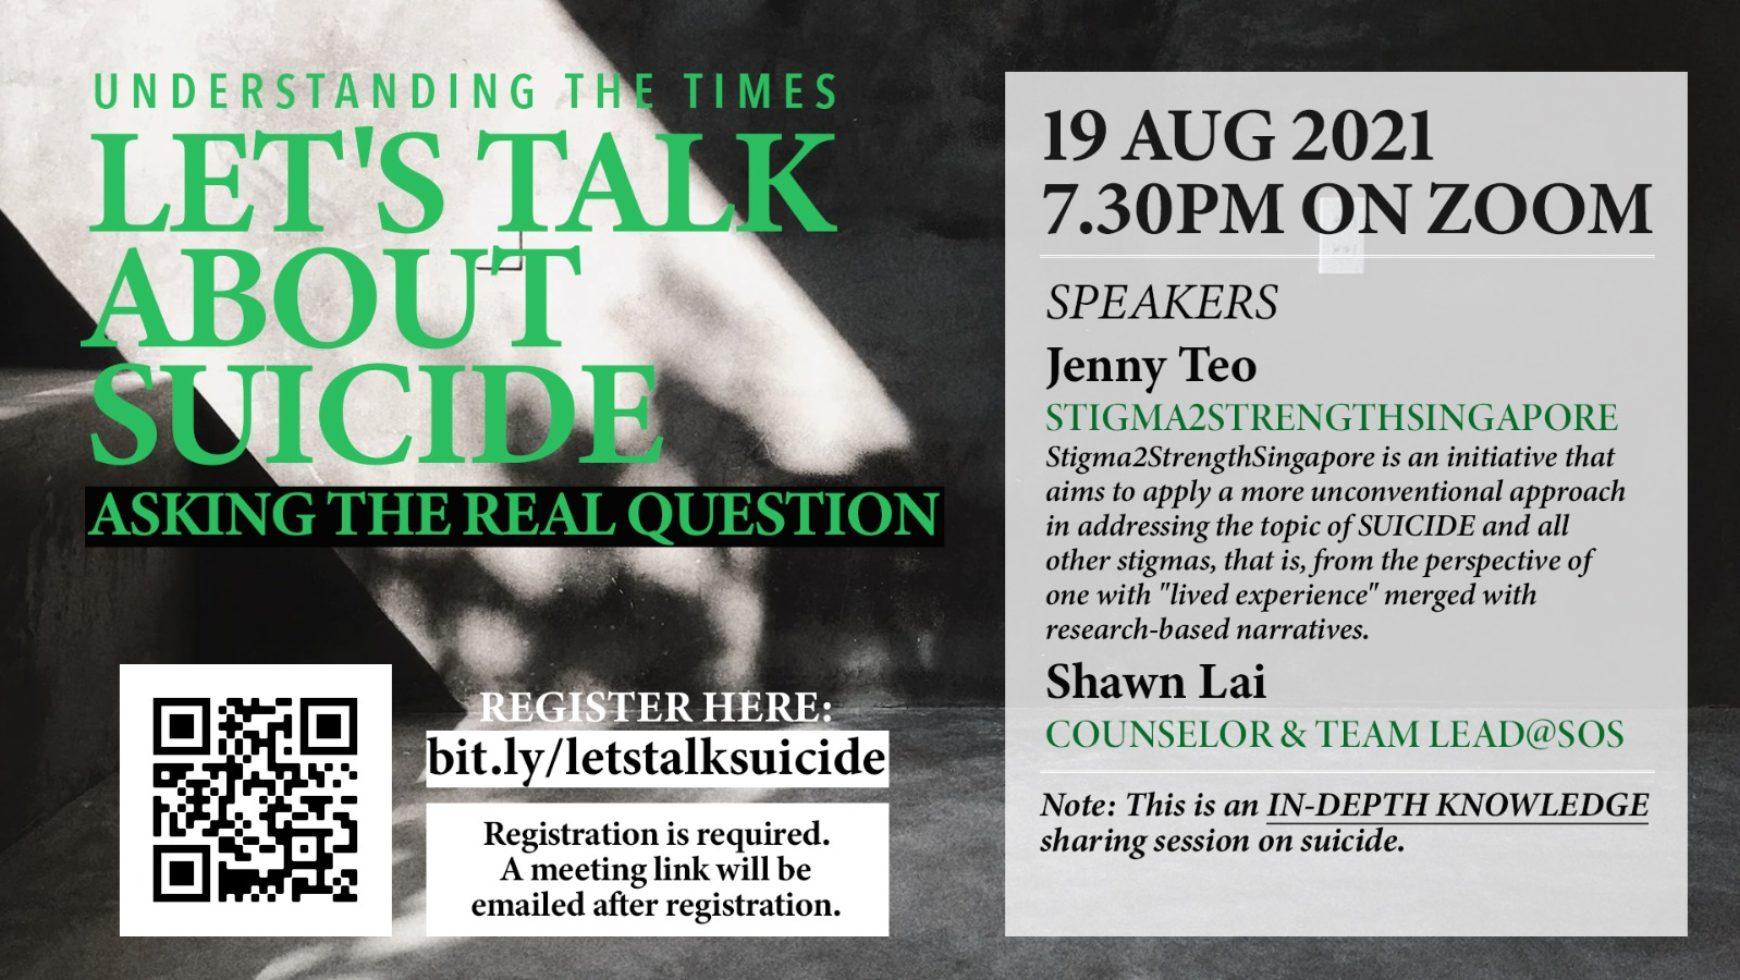 Let's Talk About Suicide